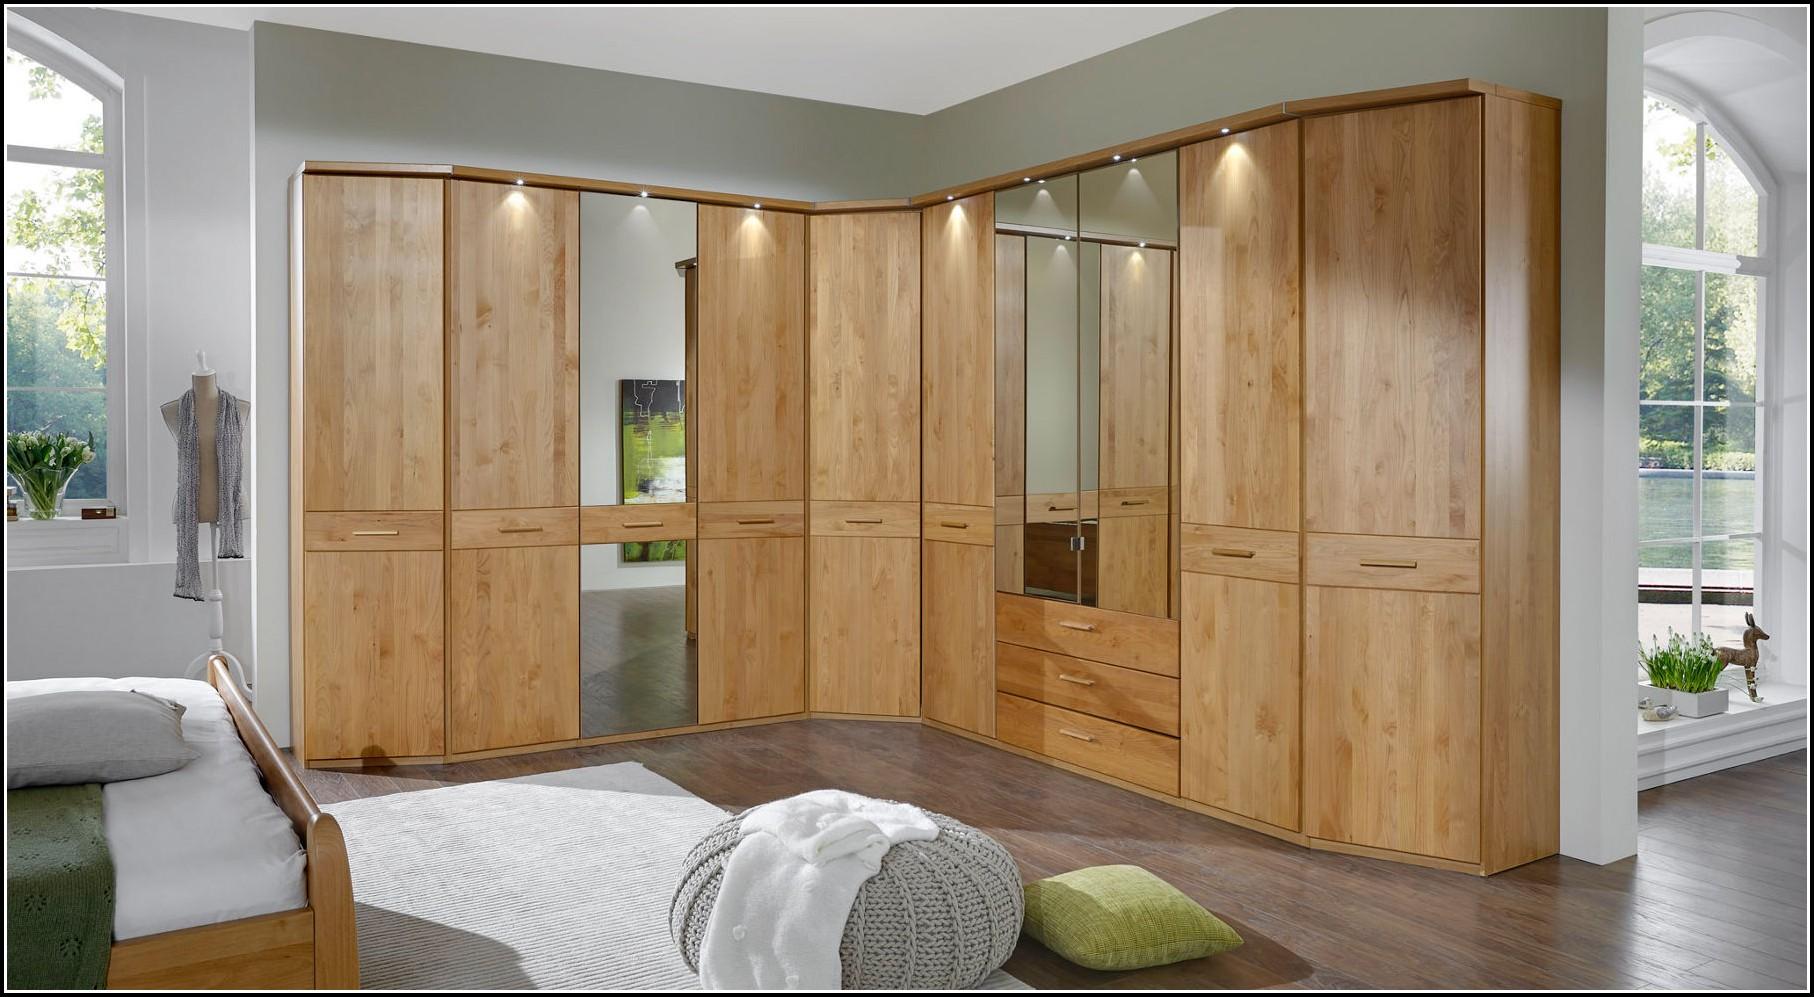 Eckschrank Schlafzimmer Wenge Holz - schlafzimmer : House und Dekor ...